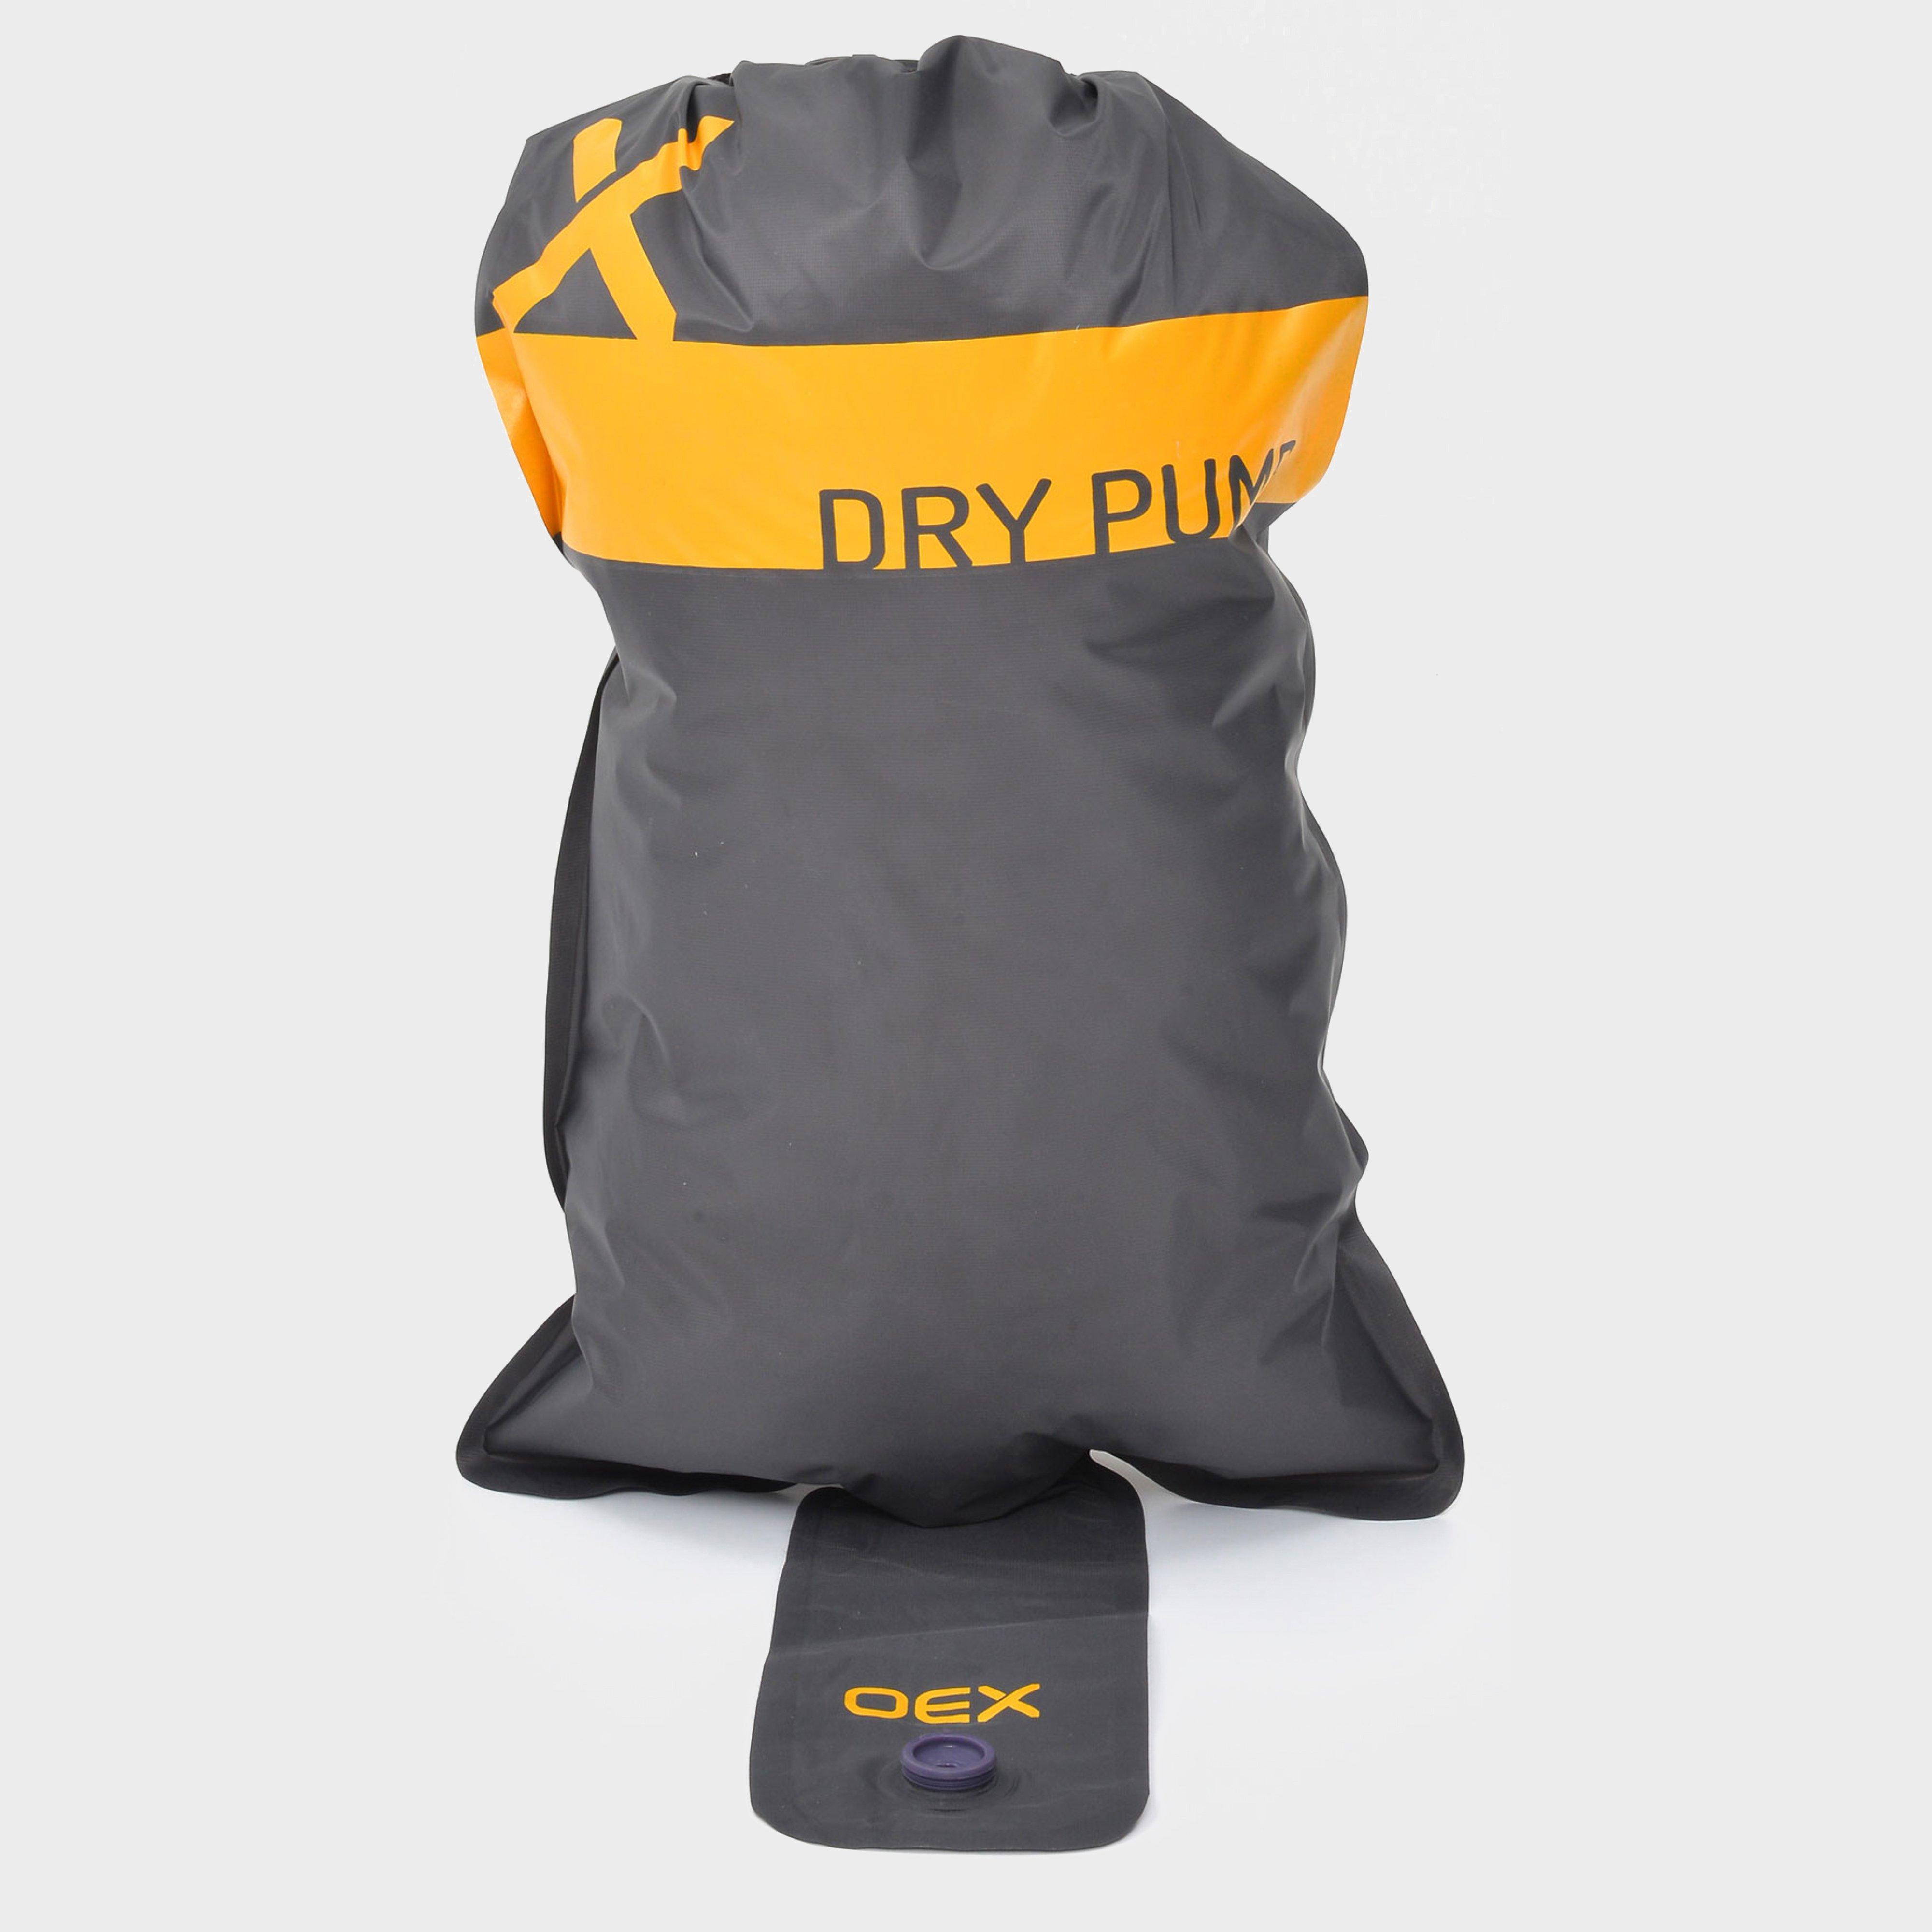 Oex Oex Dry Pump - Grey, Grey